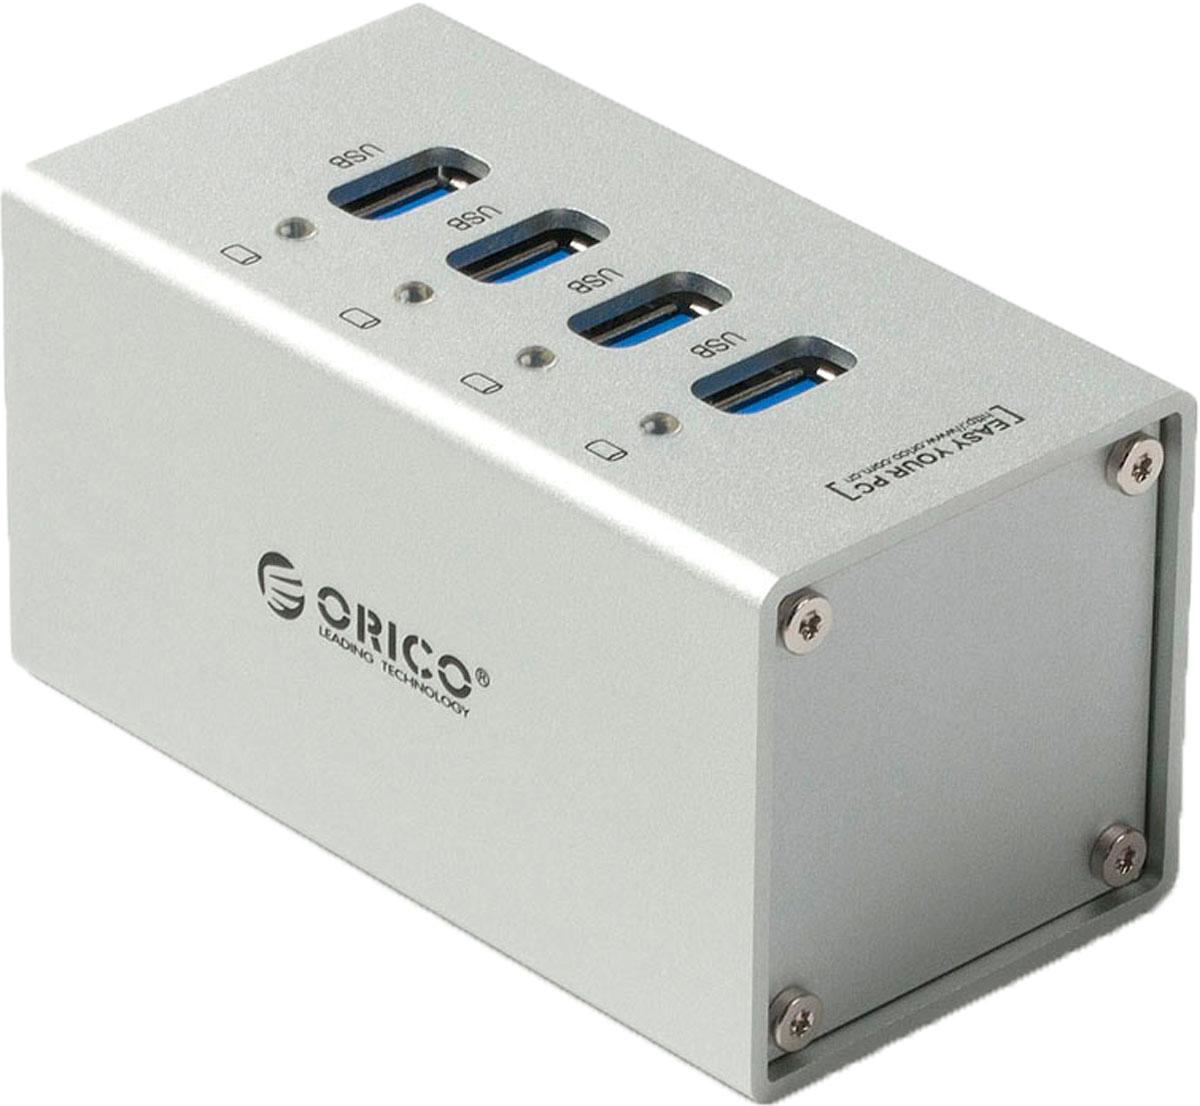 Orico A3H4, Silver USB-концентраторORICO A3H4-SVКорпус Orico A3H4 изготовлен из качественного алюминиевого сплава с матовым покрытием.Все разъёмы Orico A3H4 обеспечивают скорость передачи данных в 5 Гбит/сек. Этой скорости с запасом хватит не только для подключения простой периферии, но для жёстких дисков и быстрых флэш-накопителей.Orico A3H4 не требует установки драйверов и совместим с большинством популярных операционных систем: Windows XP, Vista, 7, 8, 8.1, 10, Mac OS и Linux.Высокопроизводительный концентратор USB 3.0 на четыре порта USB 3.0.Двухъядерный контроллер VIA Vl812 гарантирует эффективное использование энергии и высокую скорость передачи данных.Алюминиевый корпус.Скорость передачи данных до 5 Гбит/c.Внешний блок питания.Кабель USB 3.0 длиной 1 метр.Характеристики:Источник питания: Внешний блок питания 30 ВтМатериал корпуса: АлюминийВход USB 3.0 Type BВыход USB 3.0 Type AUSB выходов: 4Стандарты USB: 3.0; 2.0; 1.1; 1.0Скорость сигнала: 5 Гбит/секПоддерживаемые ОС: Windows XP, Vista, 7, 8, 8.1, 10, Mac OS и LinuxИндикатор питания LED синийДлина кабеля 1 метр.